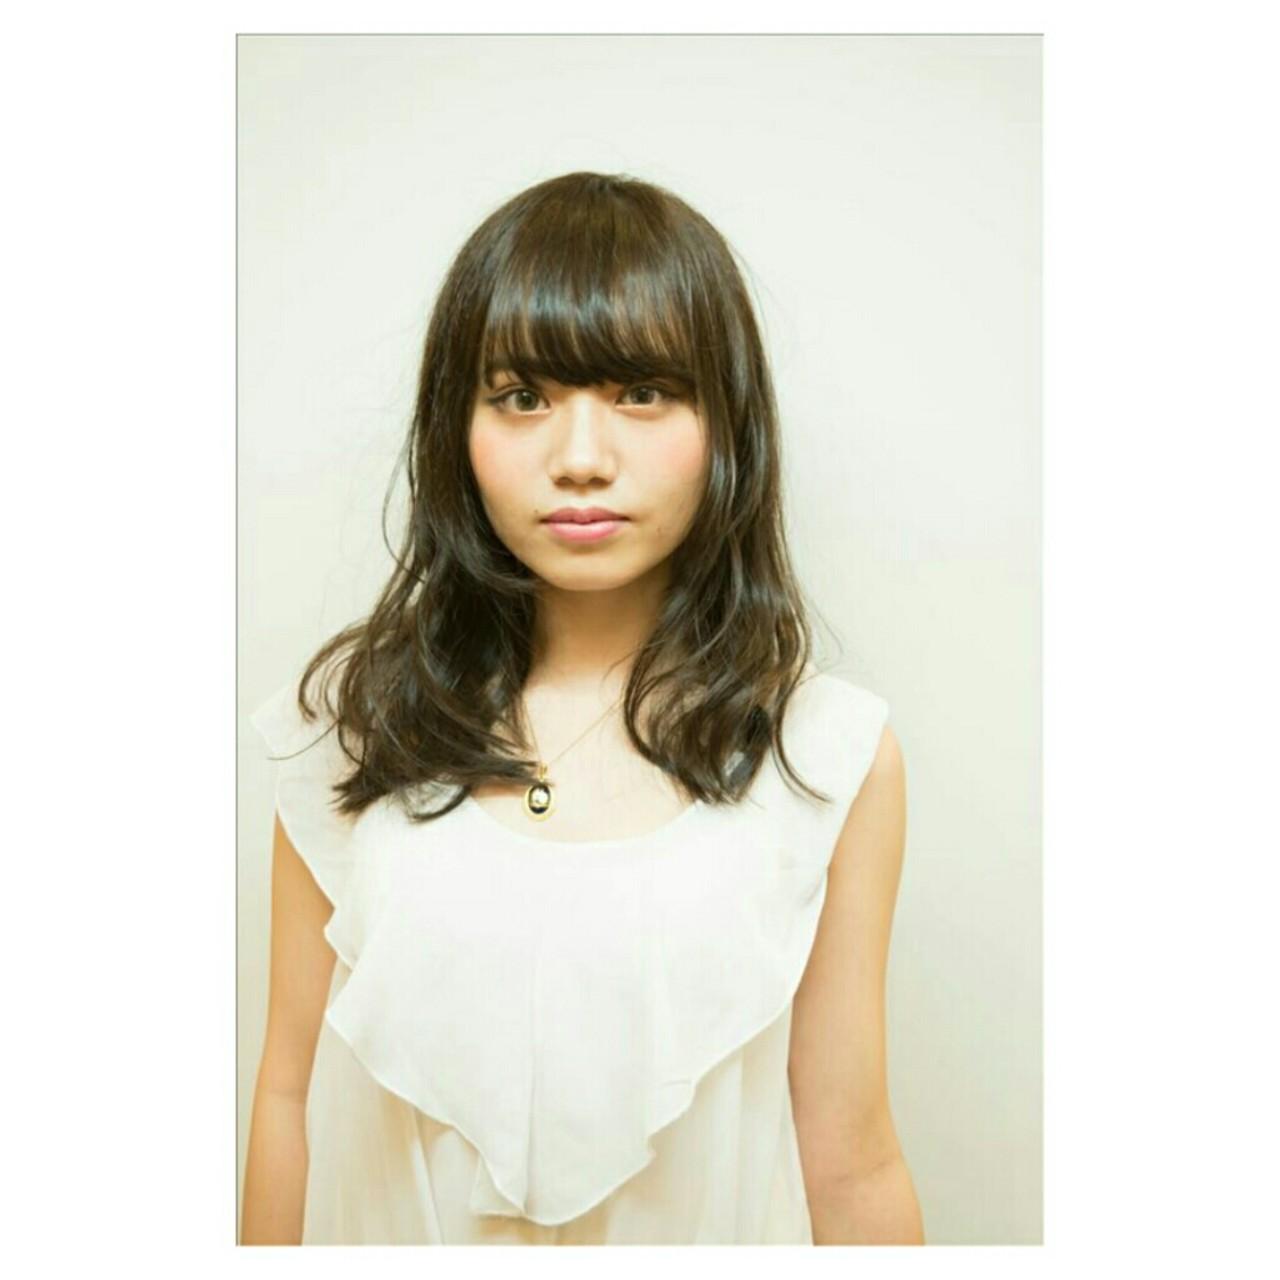 ゆるふわ 前髪あり モテ髪 ナチュラル ヘアスタイルや髪型の写真・画像 | Yoshiaki harada / BLOCK hairmake